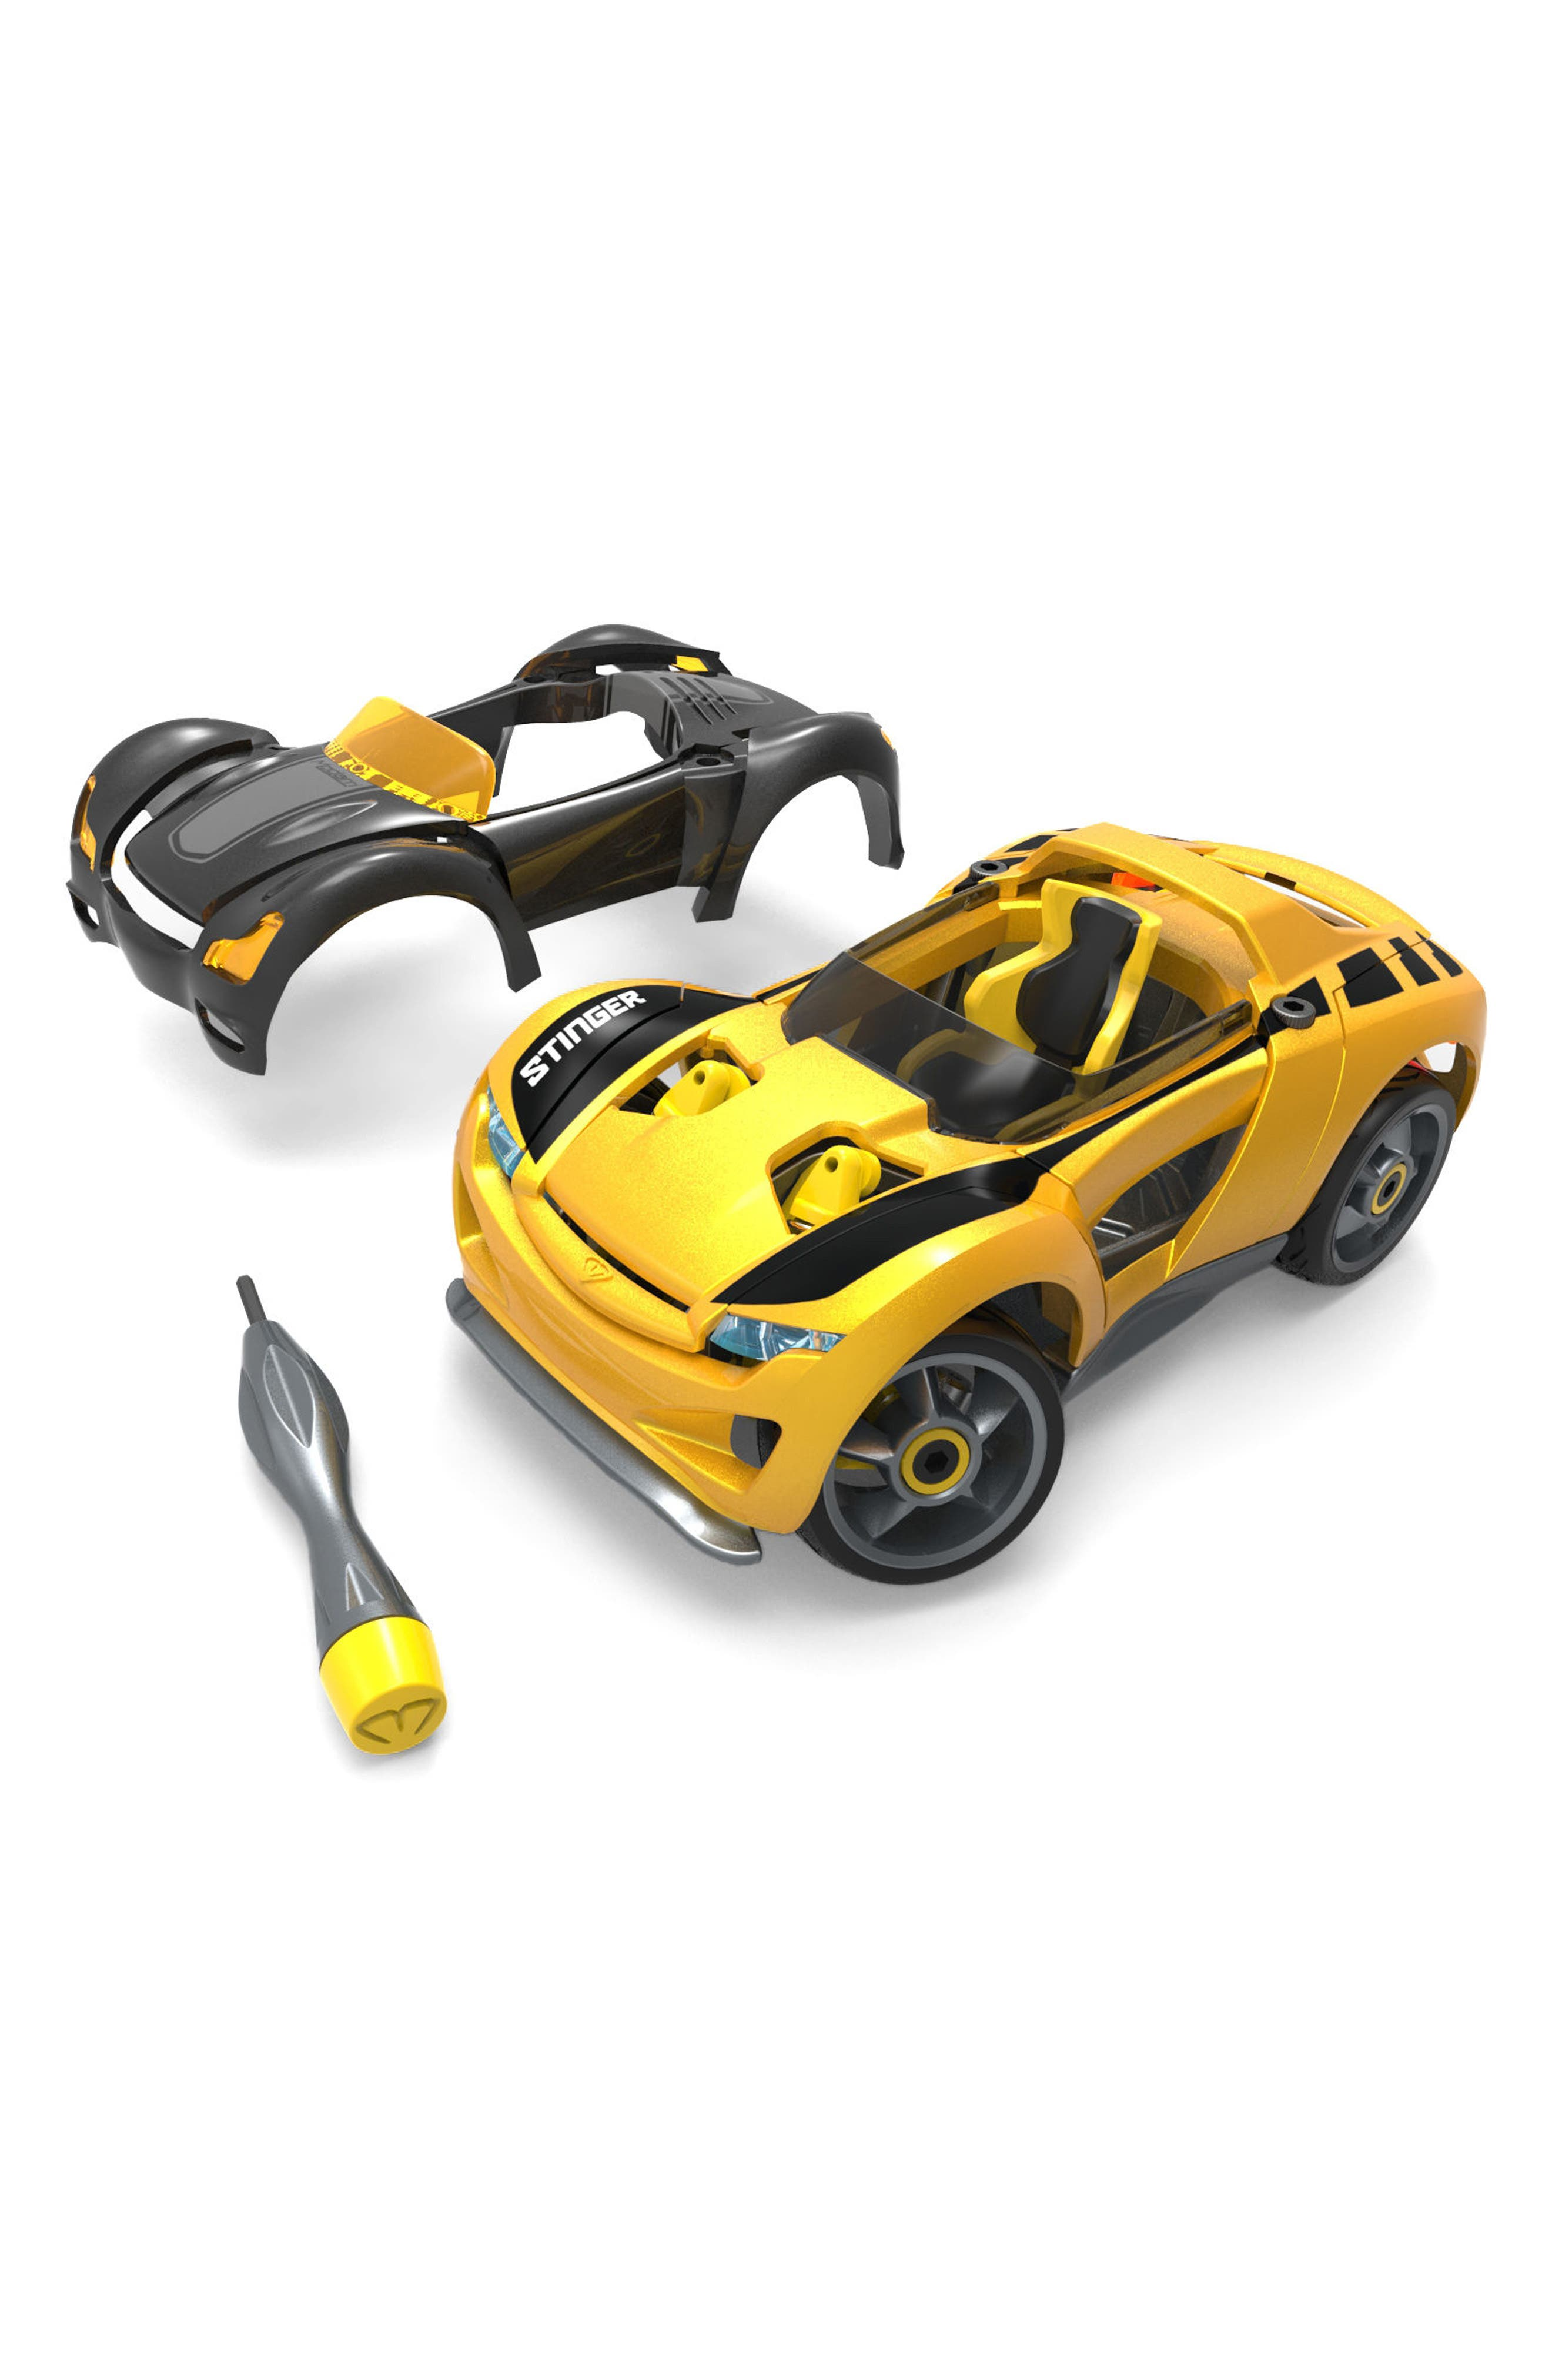 Modarri Delux S1 Stinger Car Kit